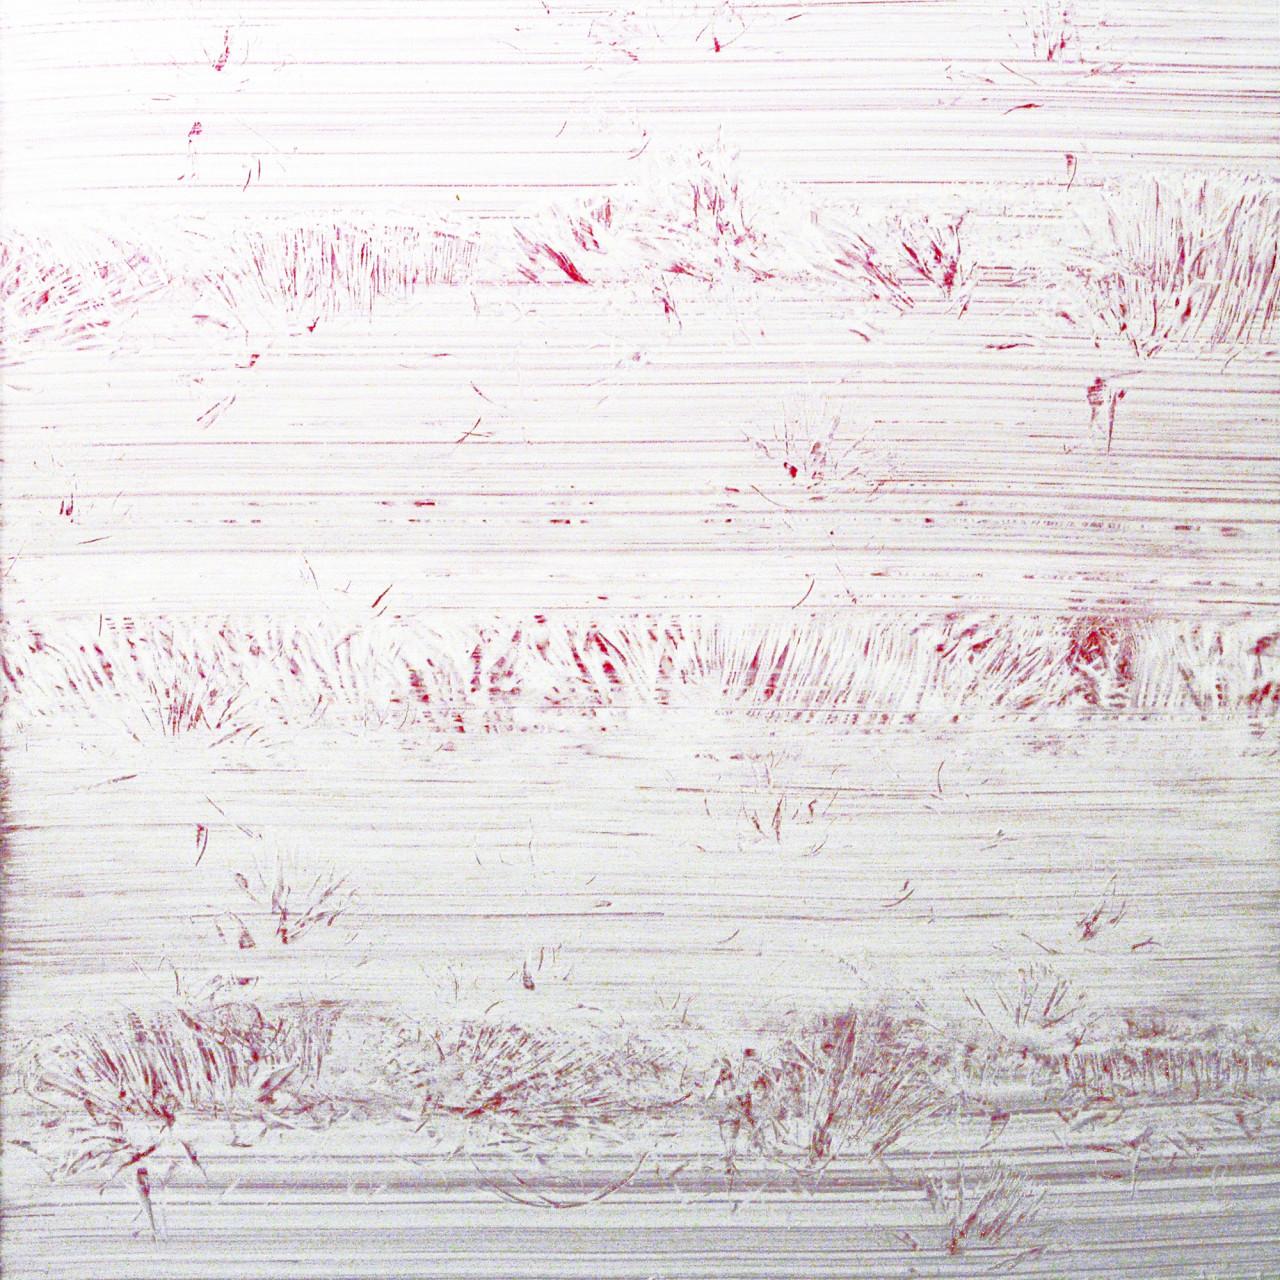 635, 2015 olio su alu-dibond 60x60 cm